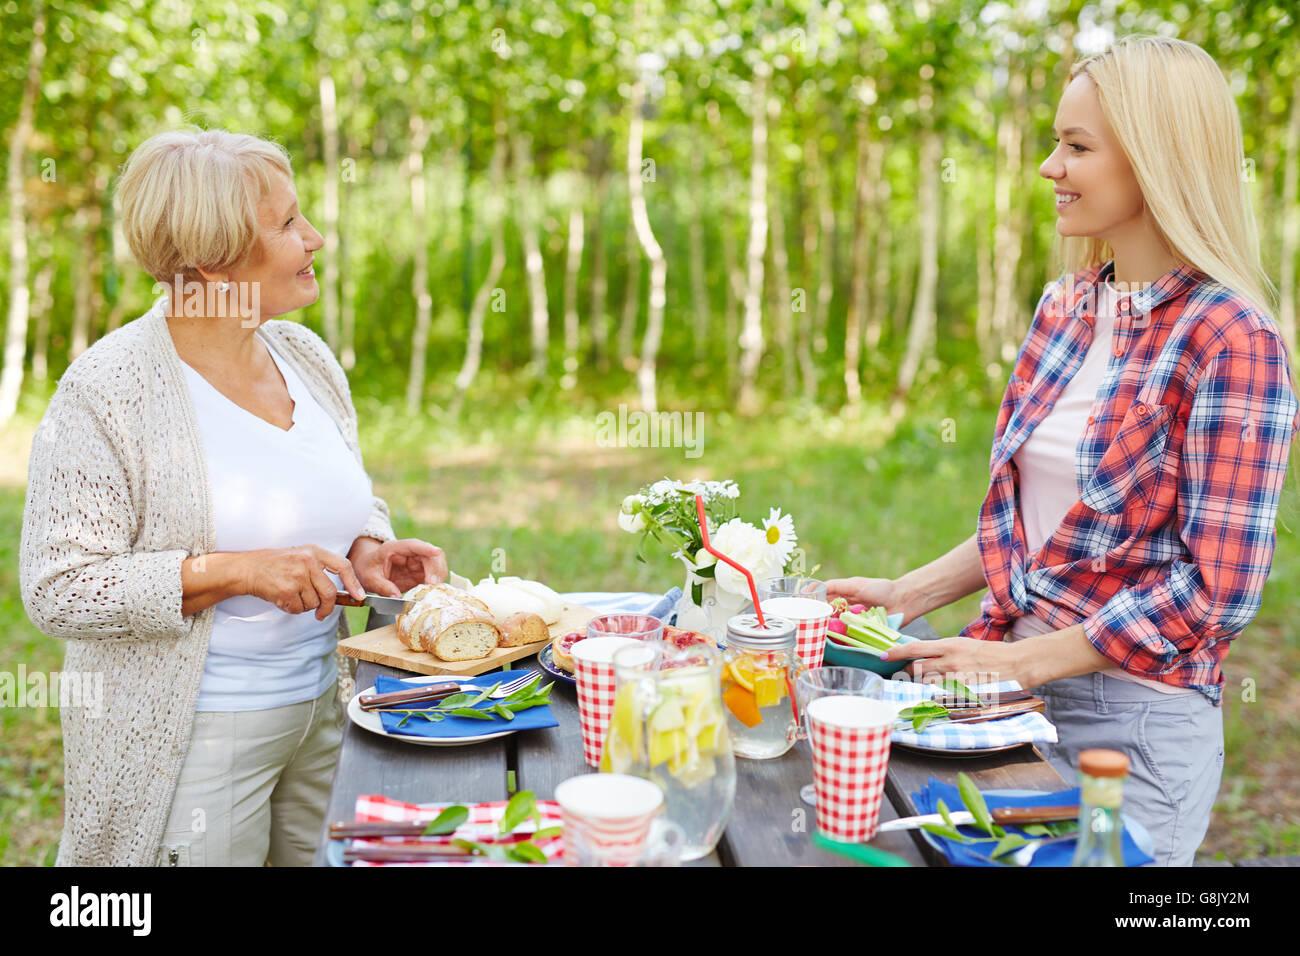 Pique-nique estival Photo Stock